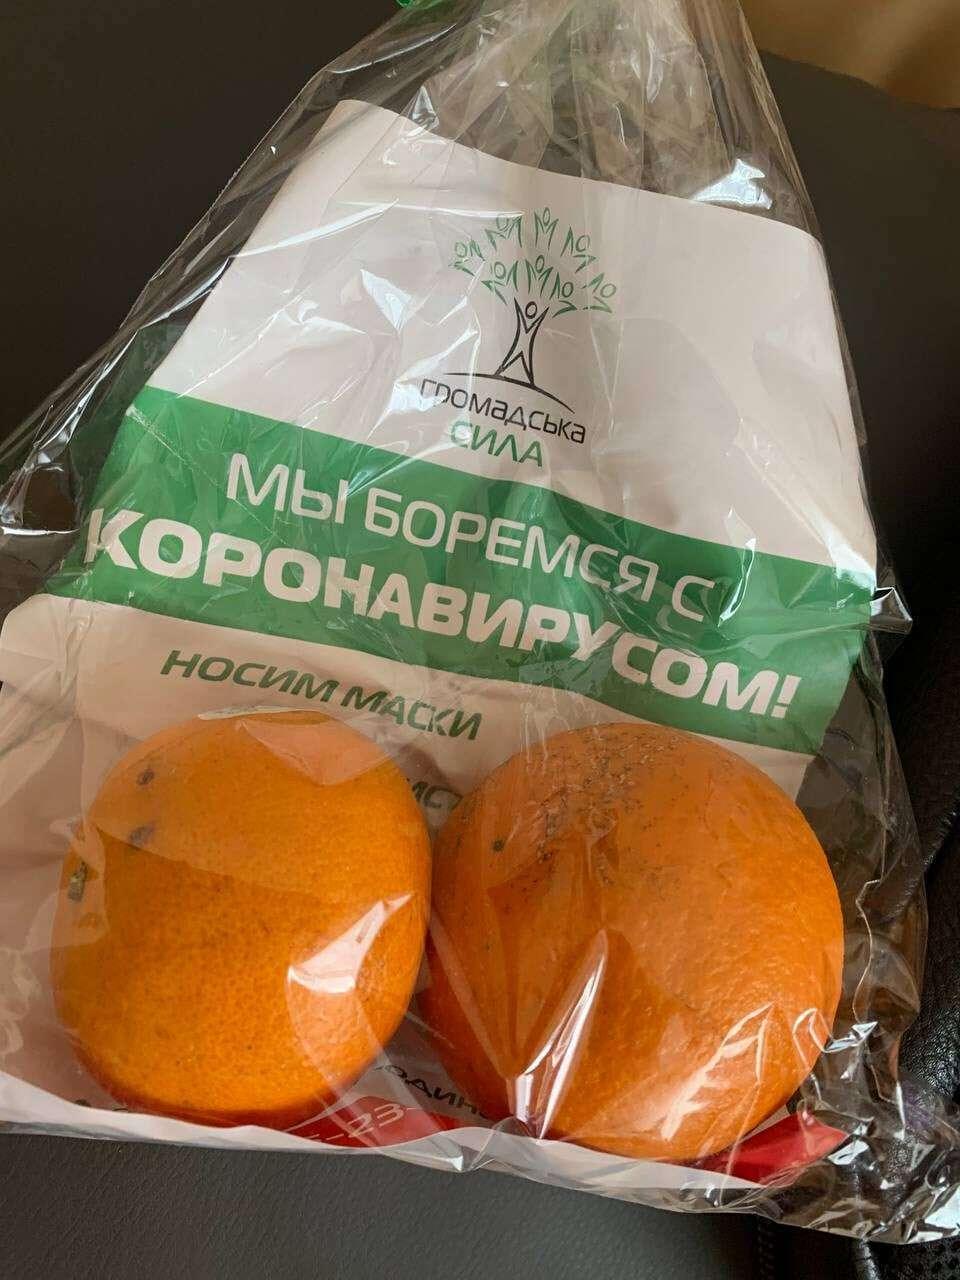 У наборі були рекламні листівки і два апельсина